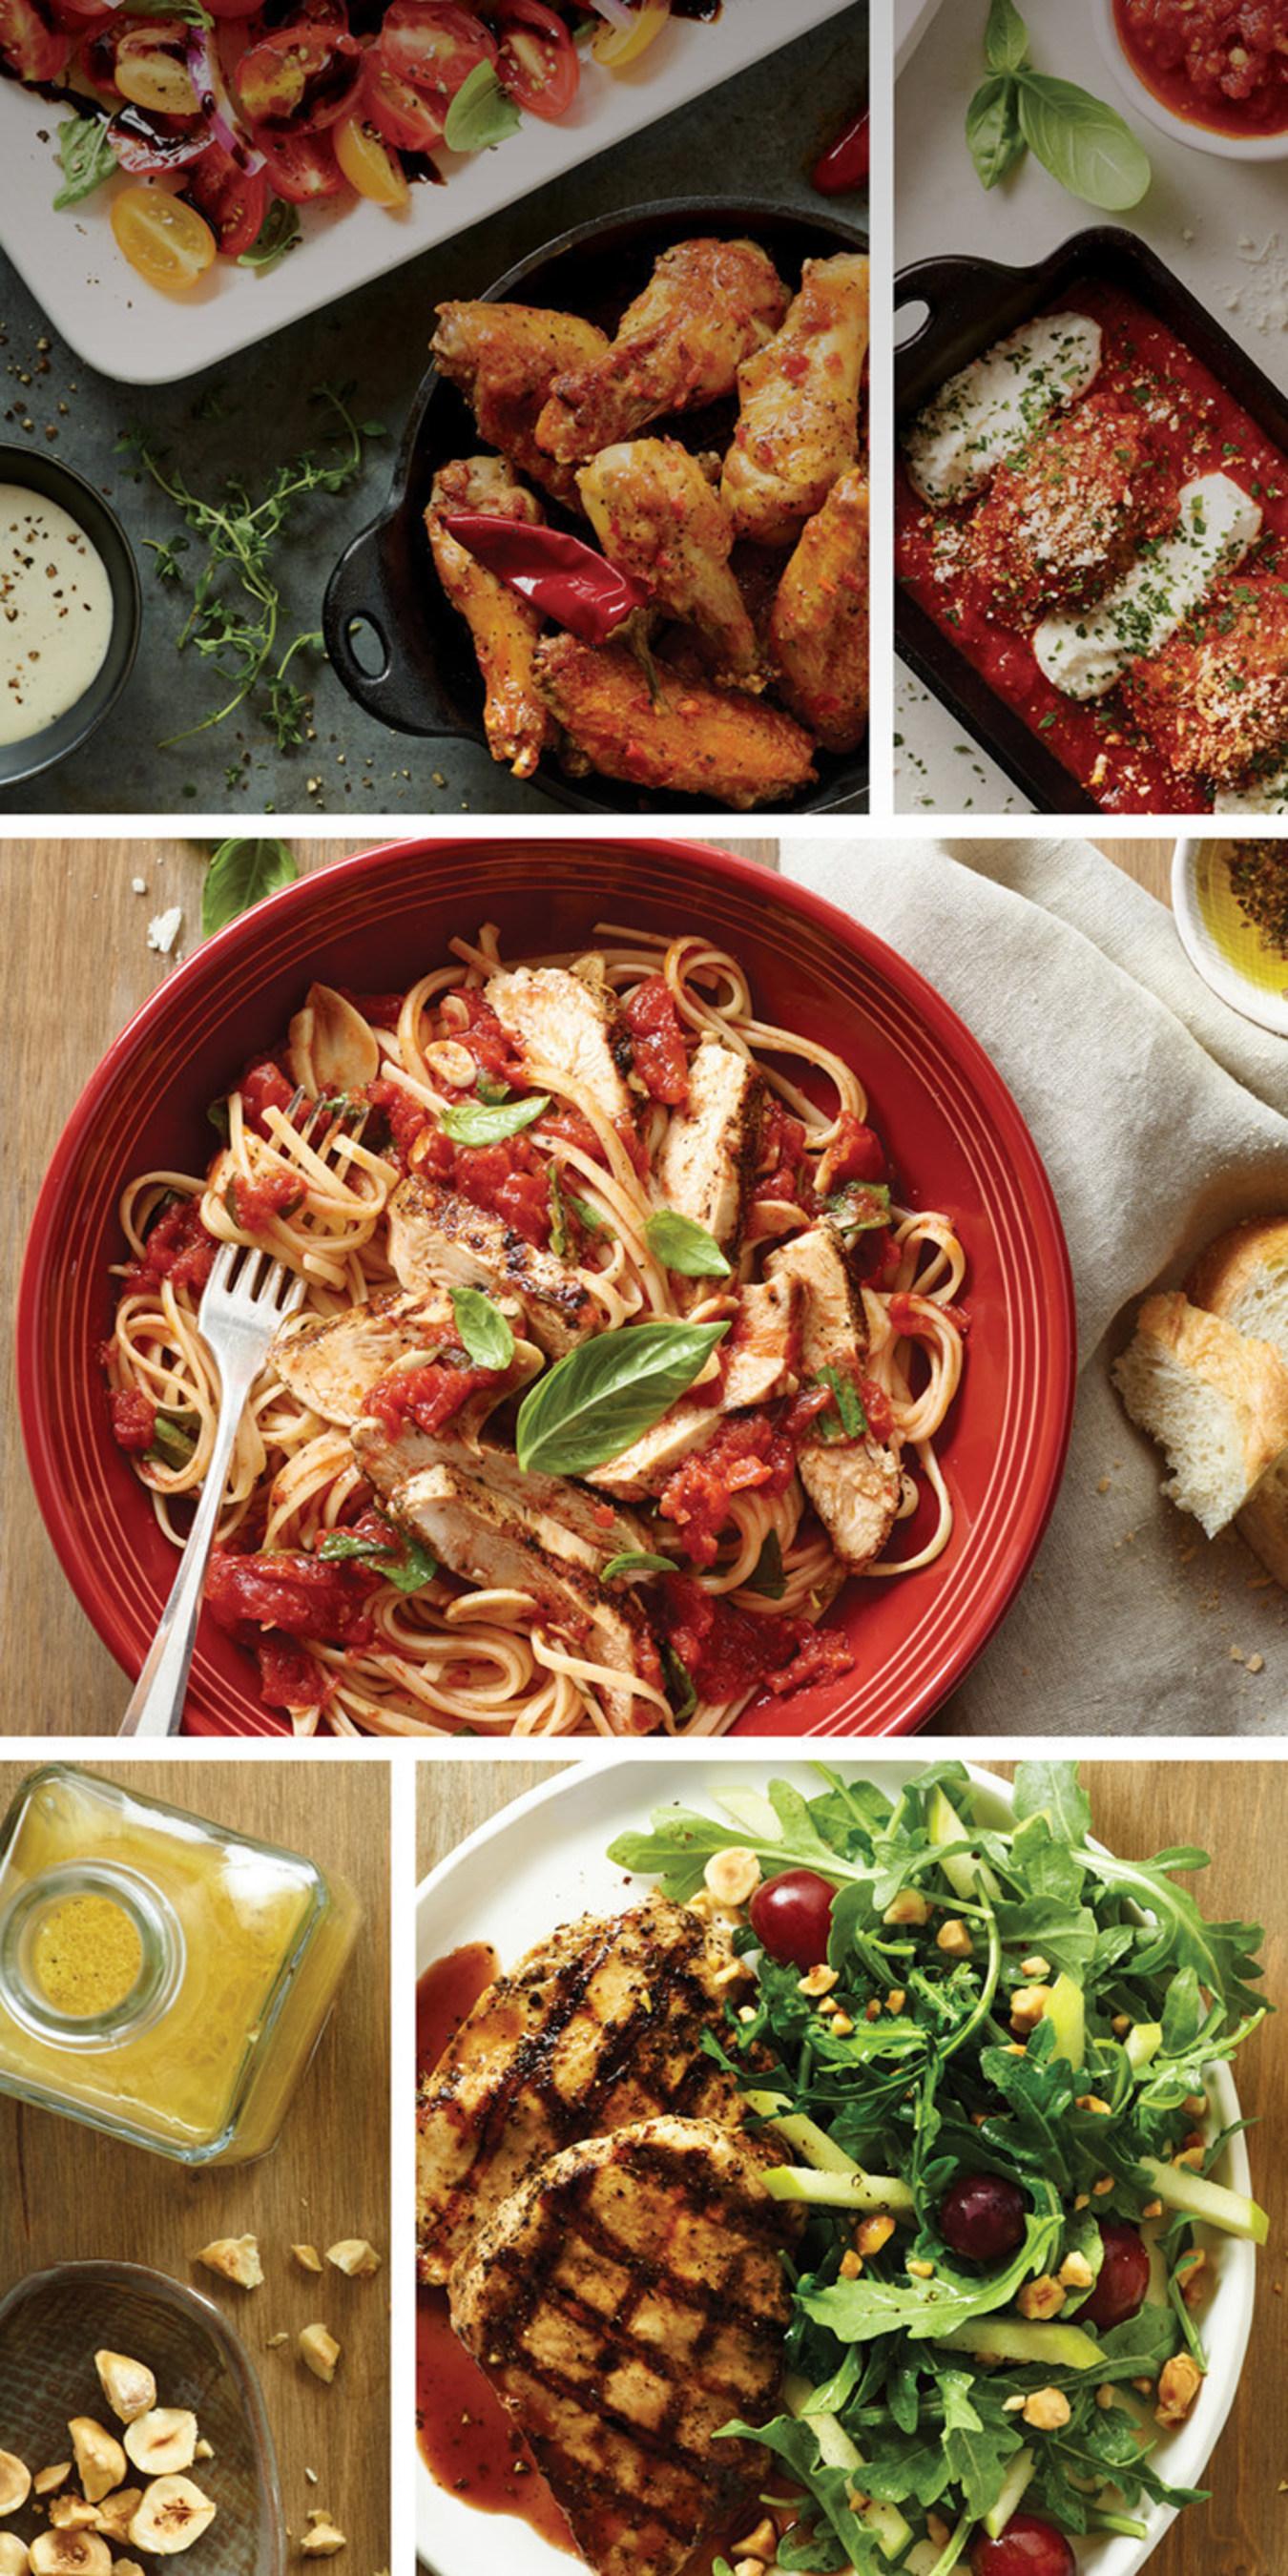 2. Many Menu Items Are Real Carrabba Family Recipes